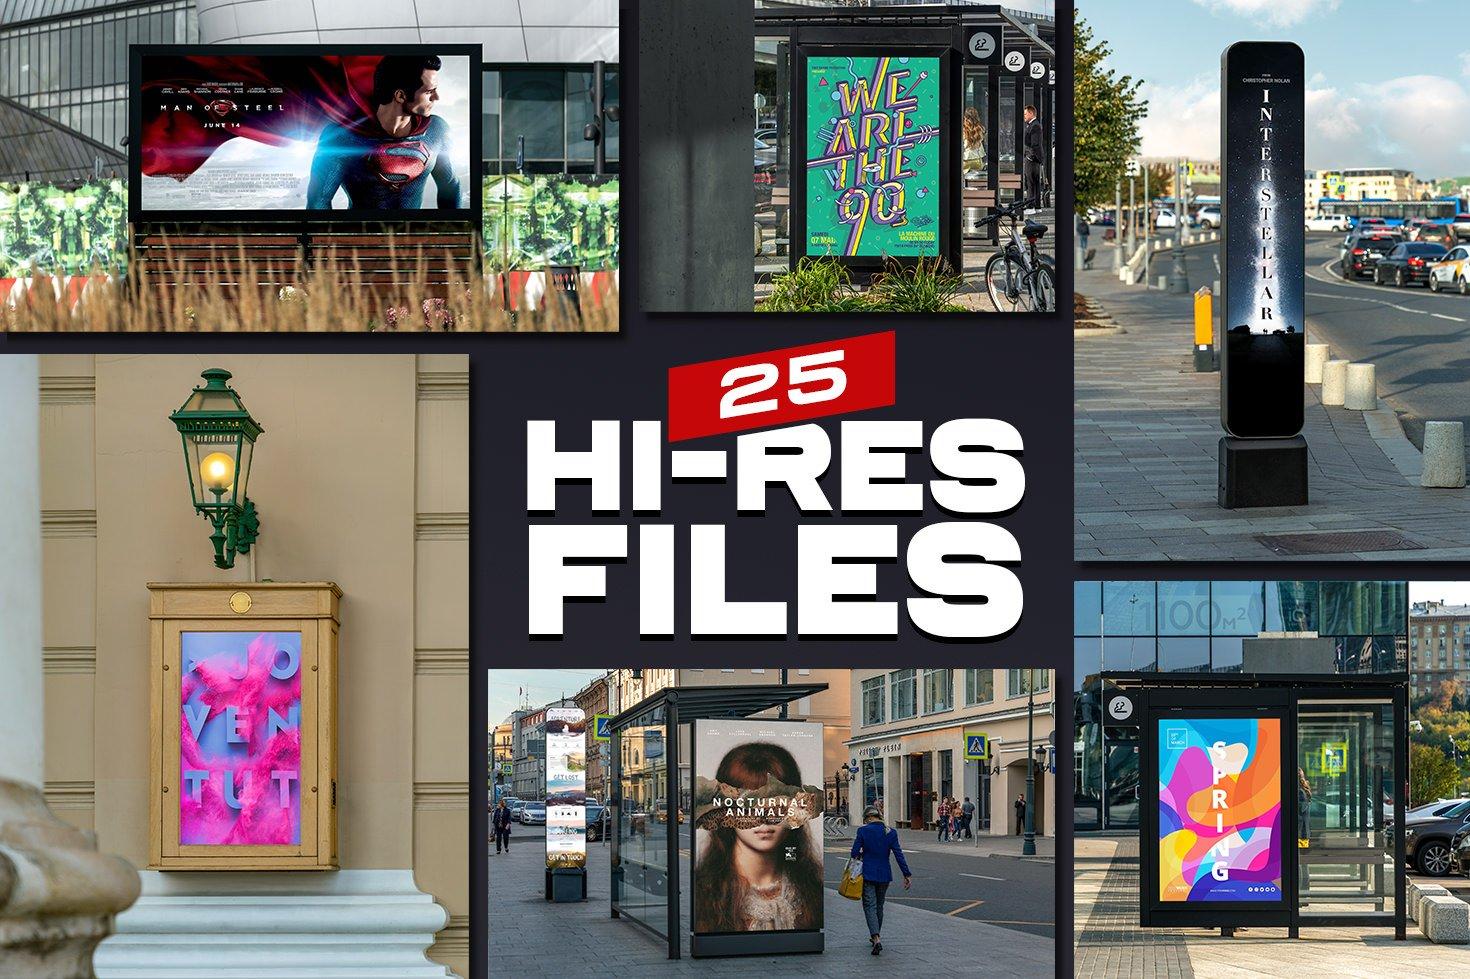 25款城市街头灯箱海报广告牌设计展示贴图样机模板 25 Street Billboards Mockups插图1